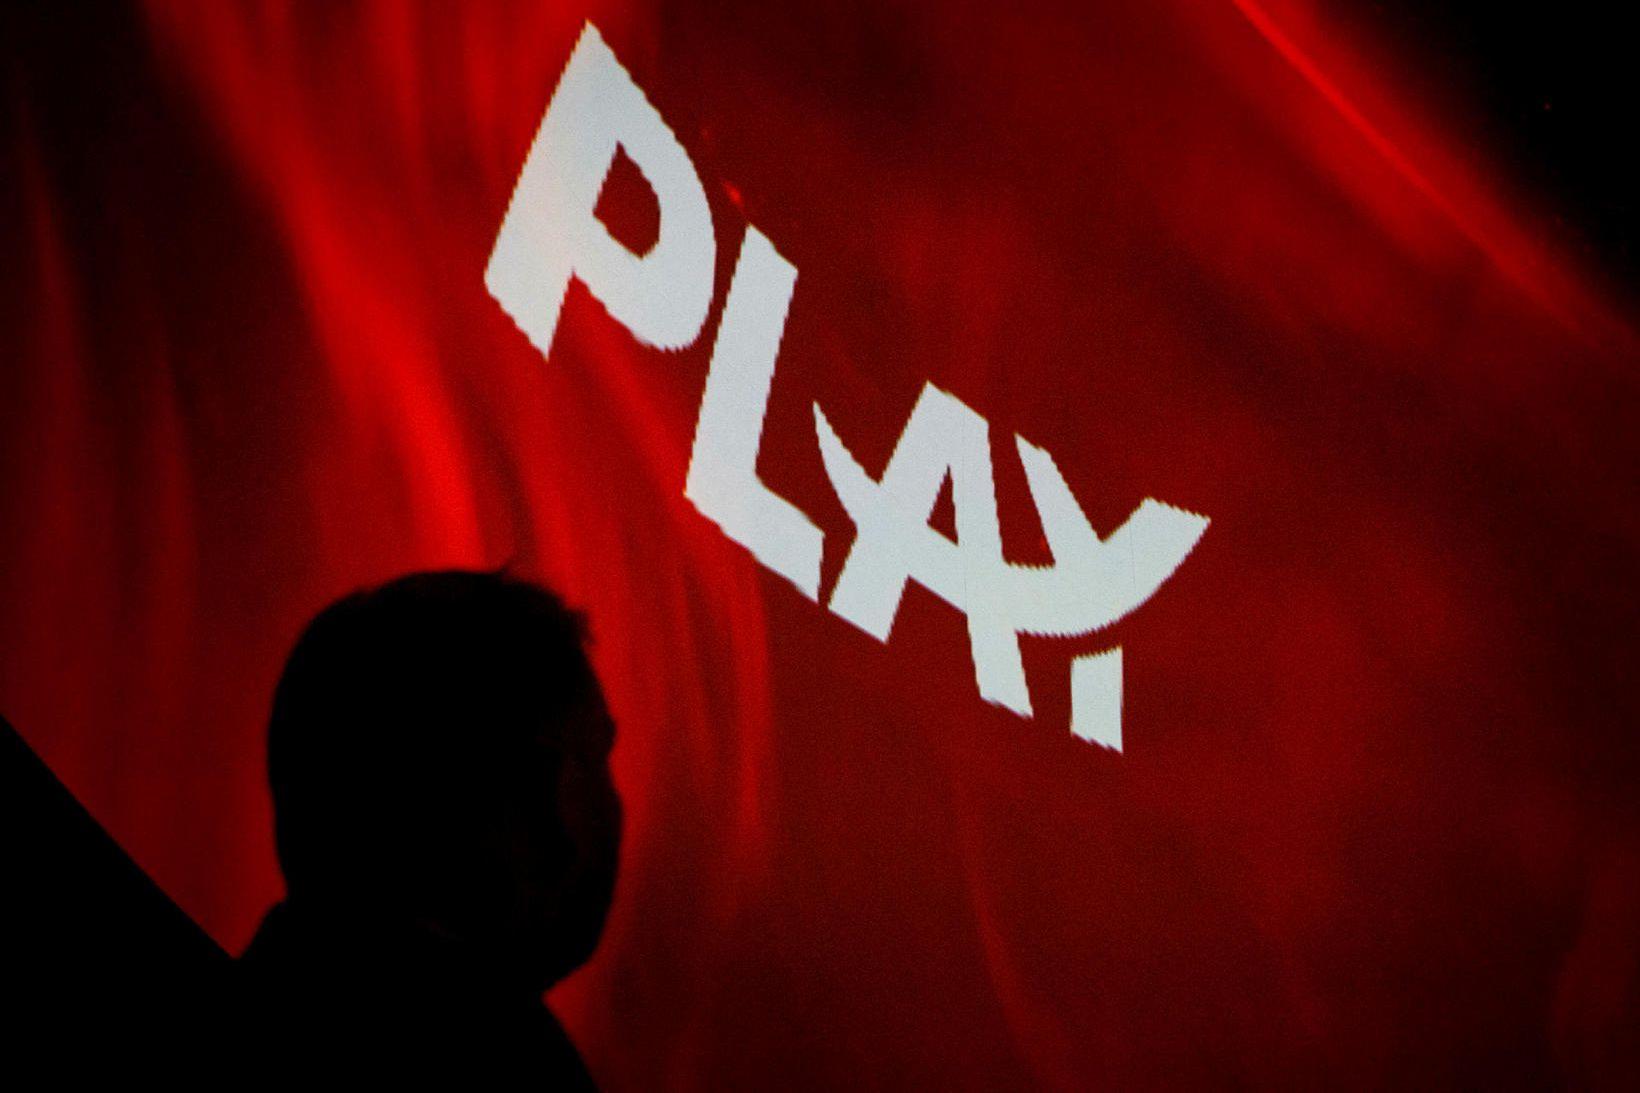 Flugfélagið Play var kynnt til sögunnar í fyrra.